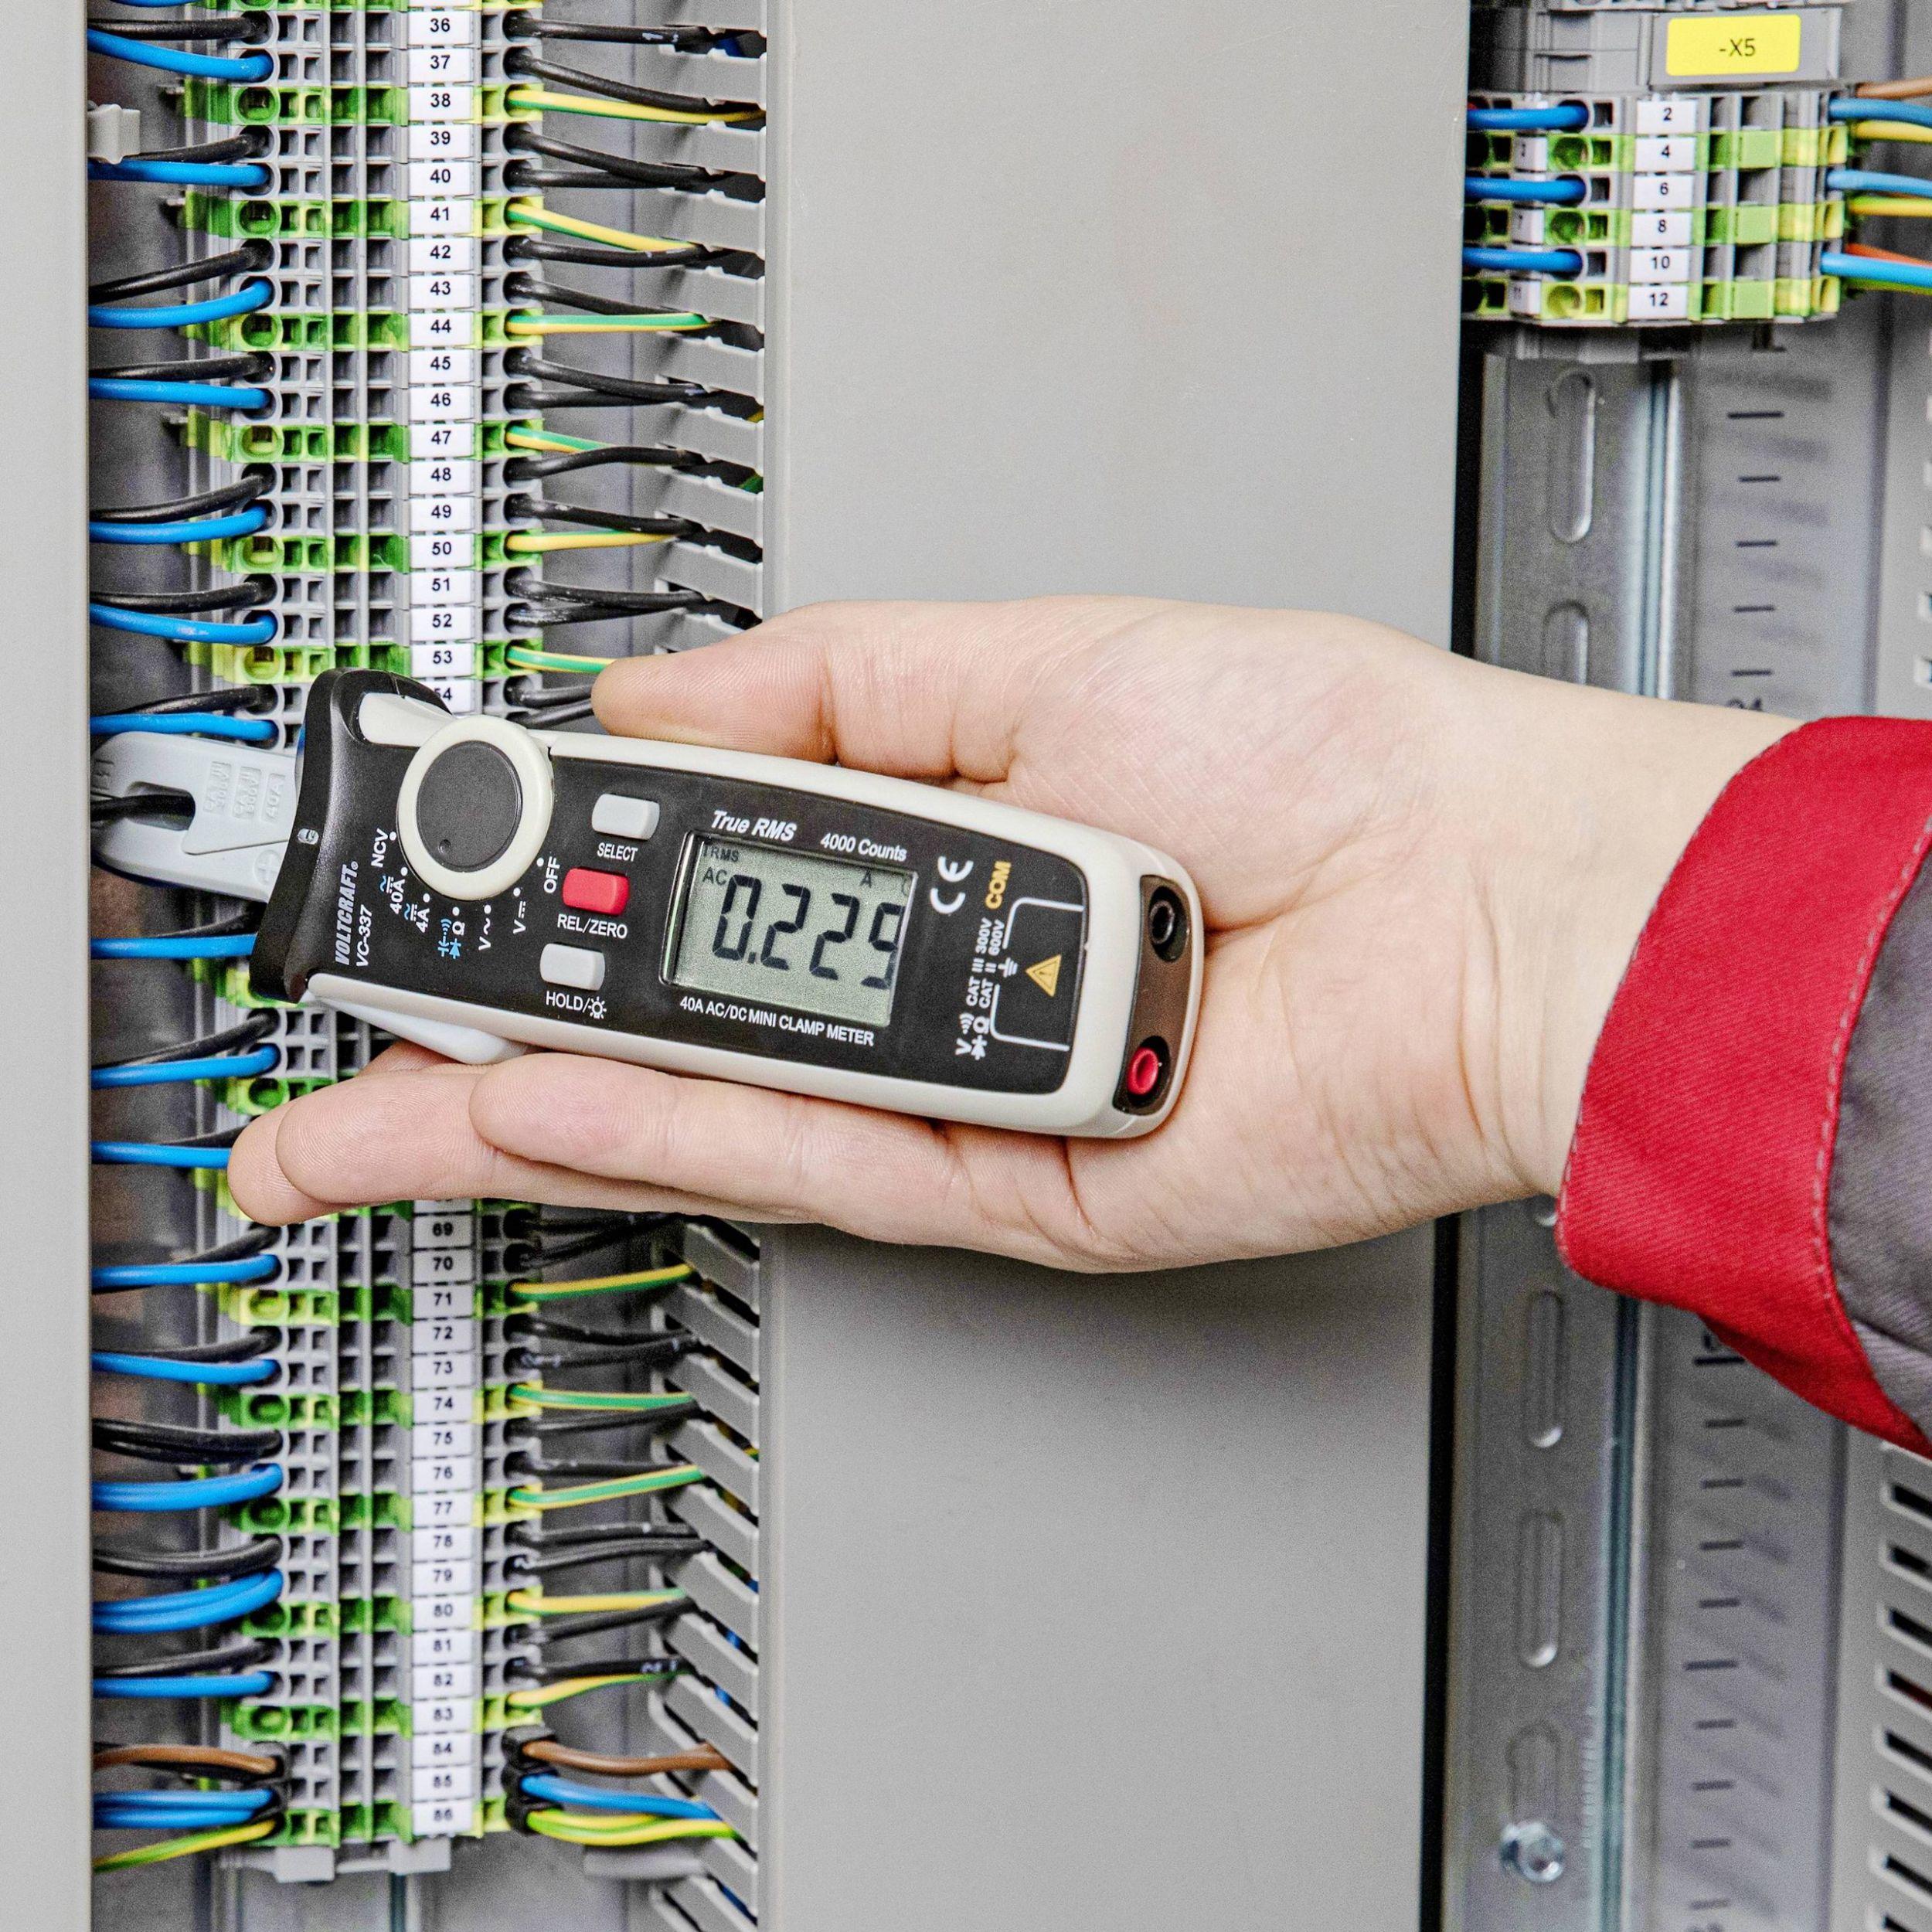 Die Stromzange Voltcraft VC-337 ist optimiert für Messungen in Schaltschränken mit Reihenklemmen und engen Kabelabständen. (Bild: Conrad Electronic SE/Voltcraft)